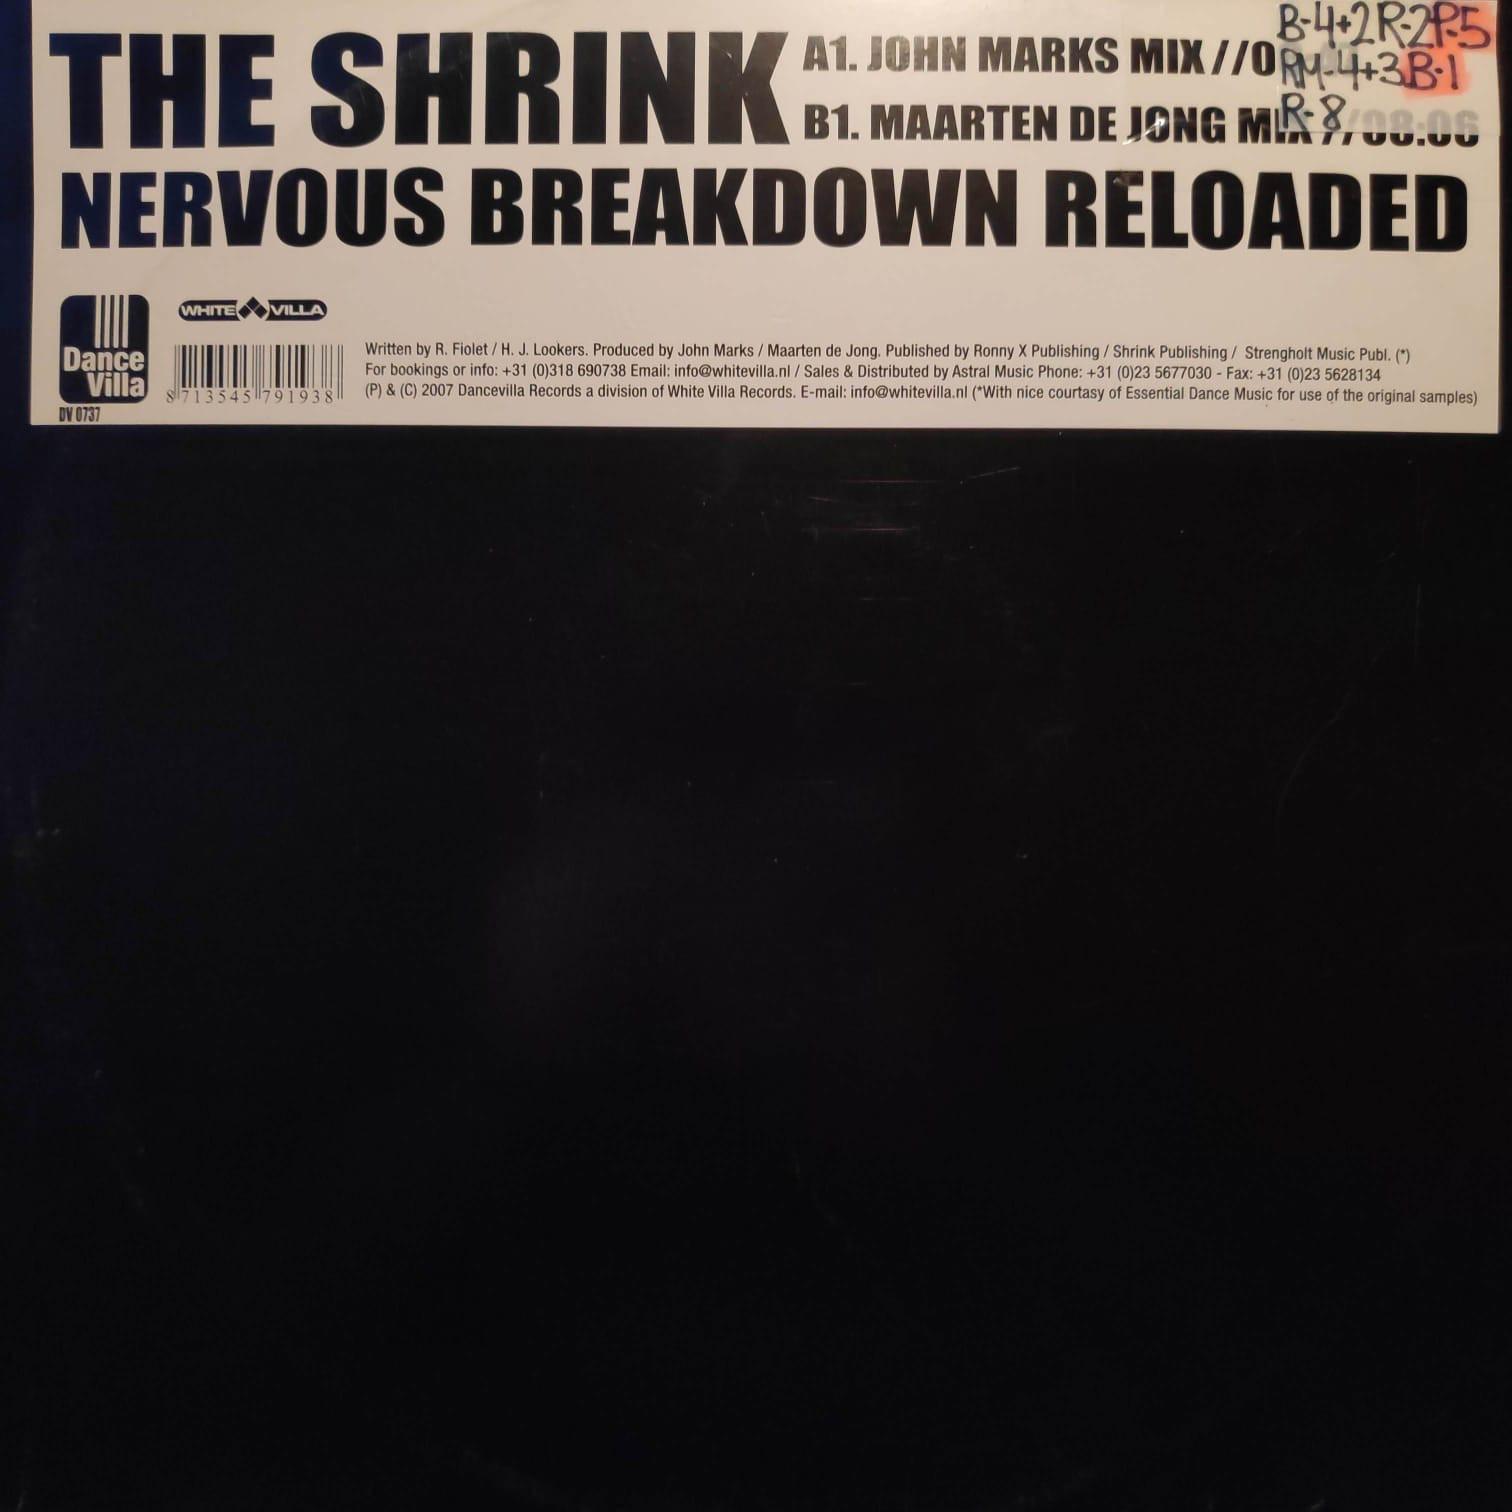 (14382) The Shrink – Nervous Breakdown Reloaded